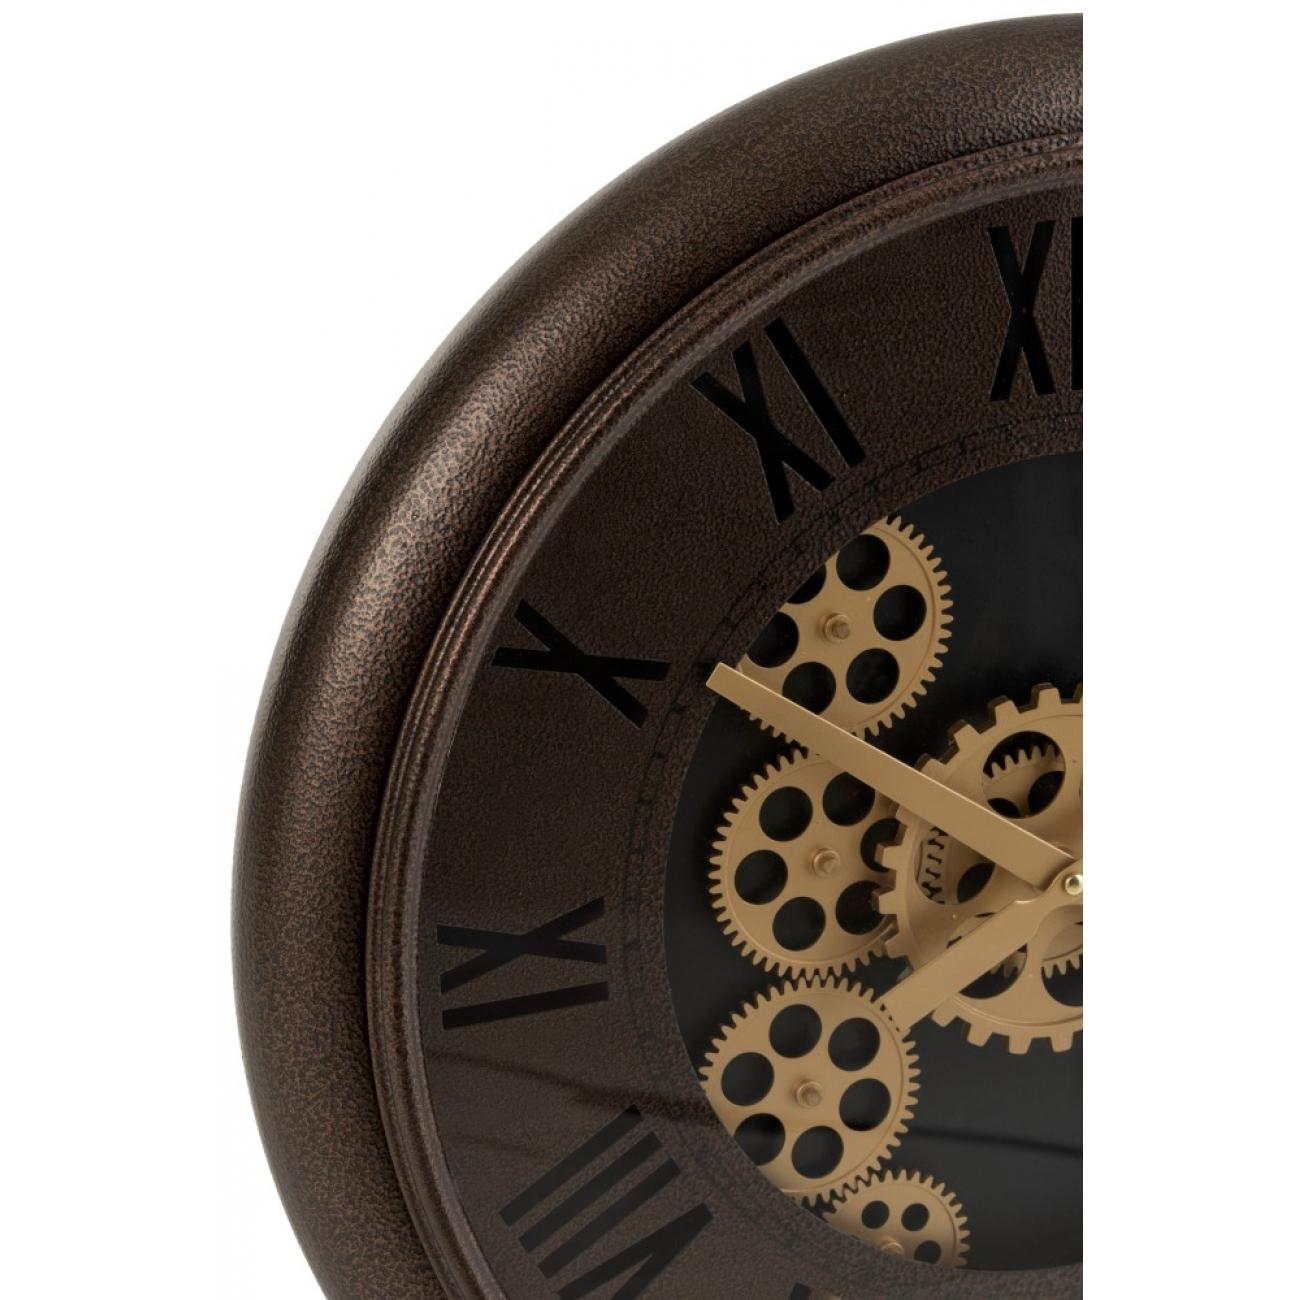 Настенные часы J-LINE круглые в металлическом корпусе с золотым механизмом диаметр 52 см